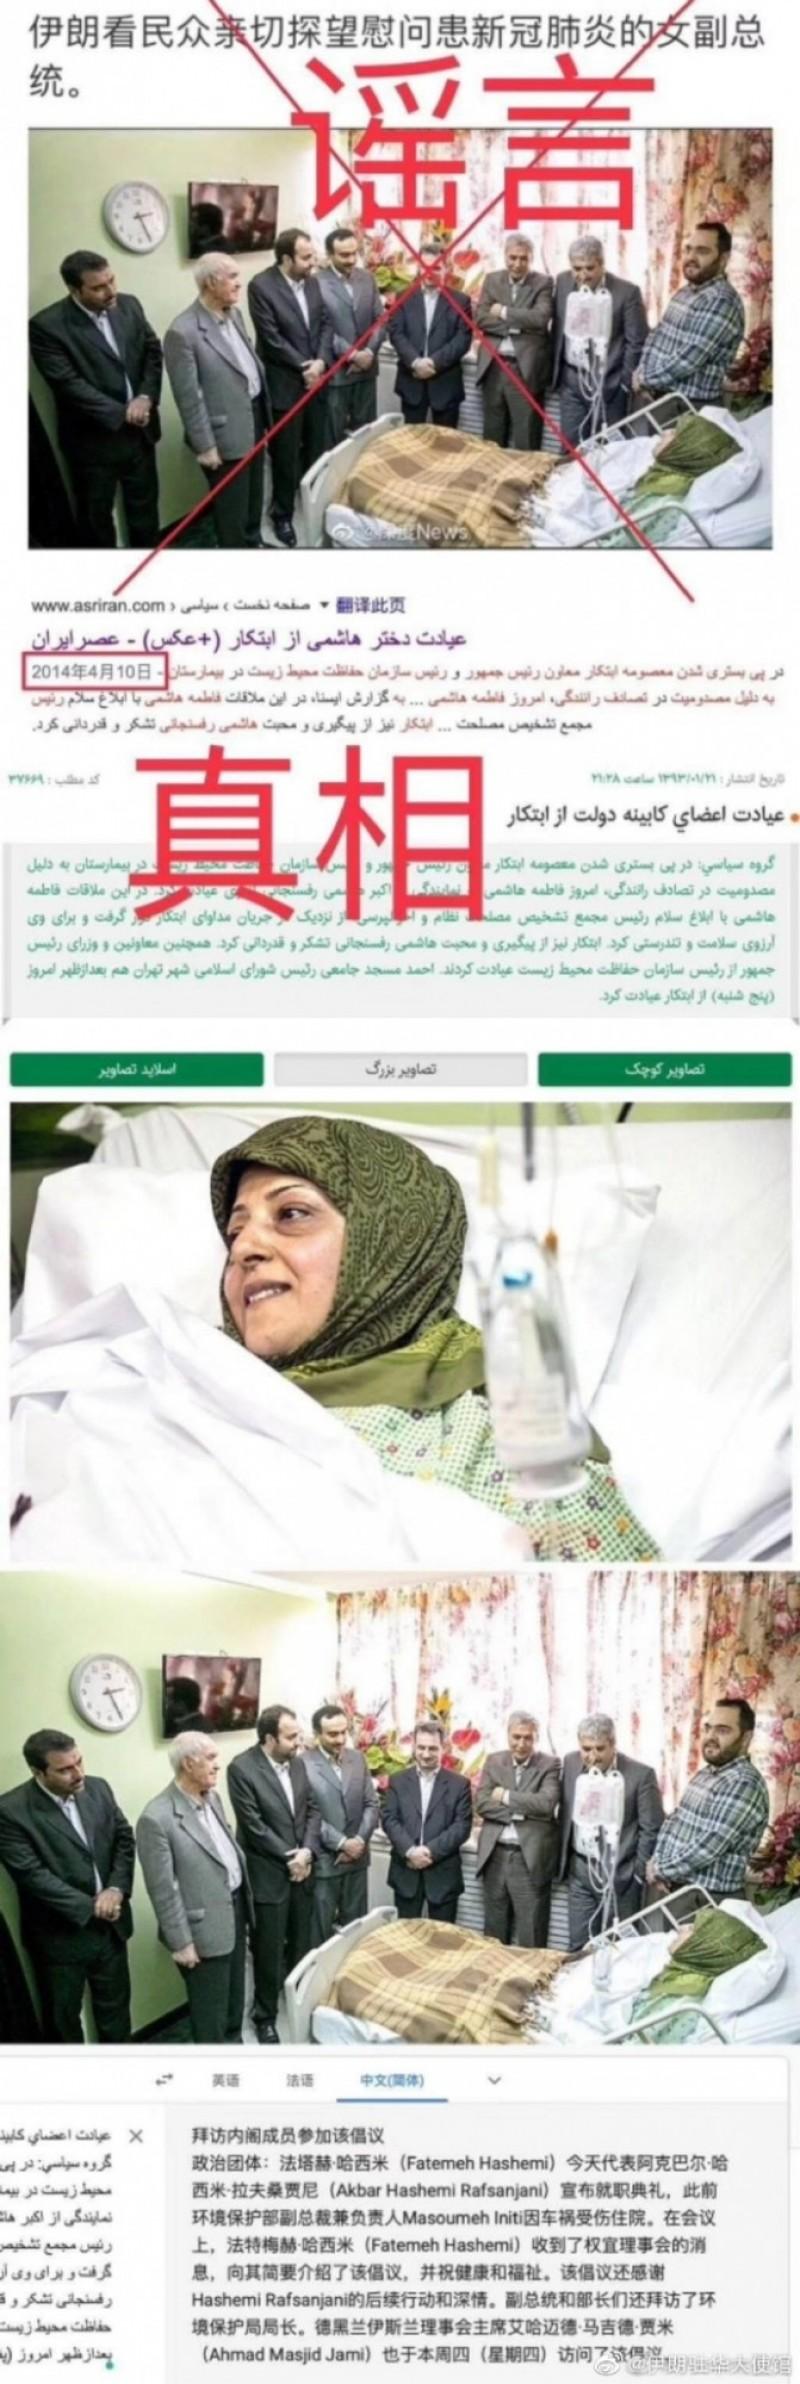 伊朗大使館表示,網傳照片是2014年4月10日的舊聞,當時該國副總統車禍受傷住院。(圖取自伊朗駐中國大使館)